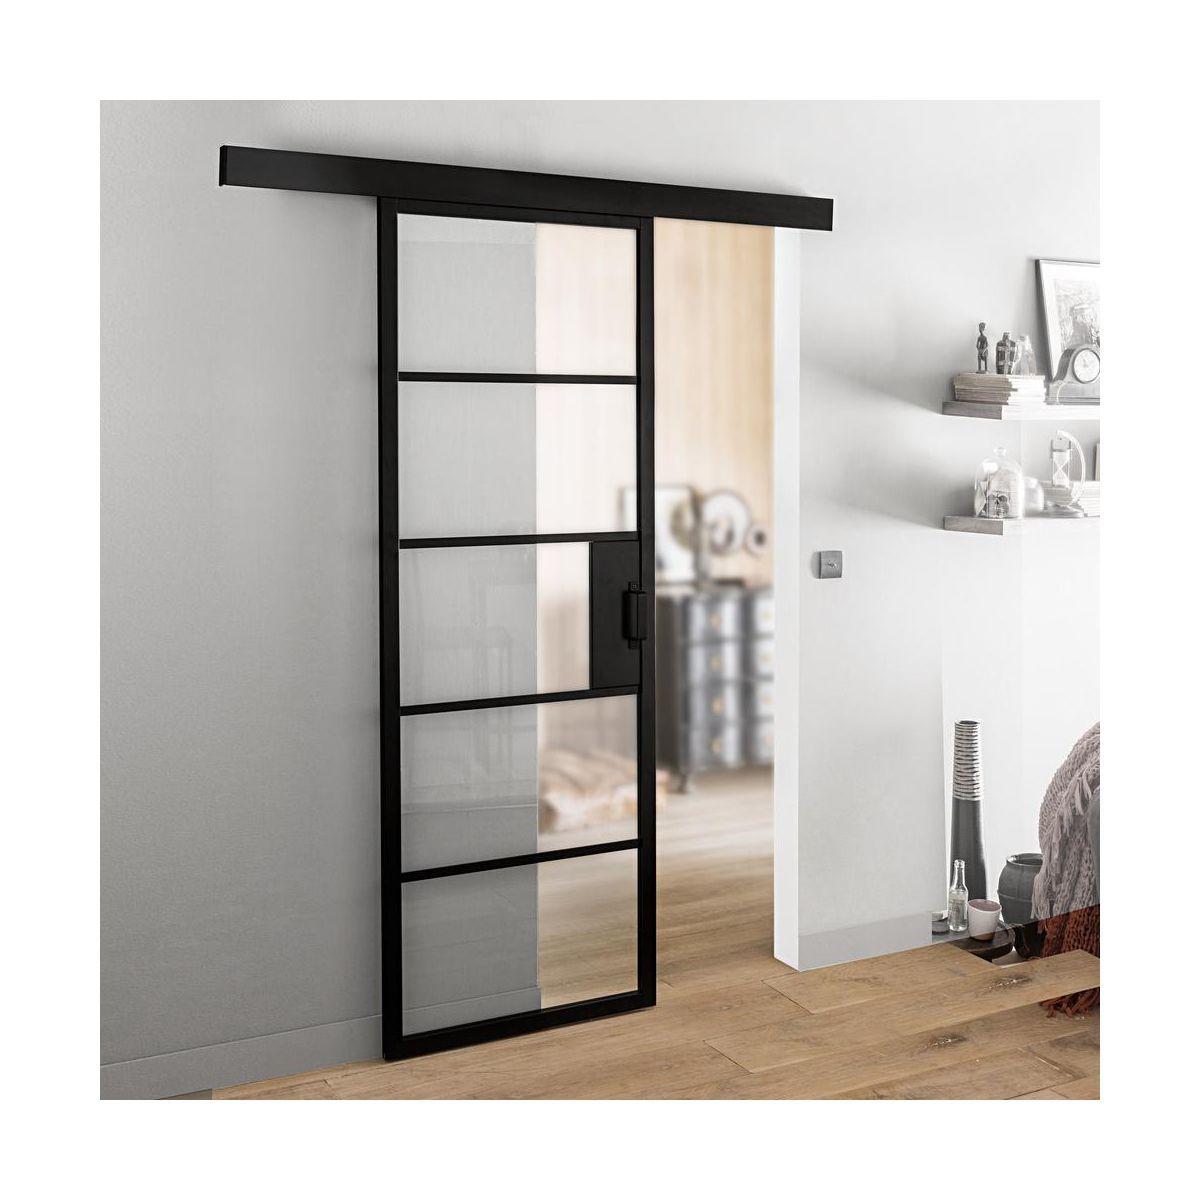 Drzwi Przesuwne Chloe 80 Uniwersalne Artens Drzwi Przesuwne Wewnetrzne W Atrakcyjnej Cenie W Sklepach Leroy Merlin Home House Goals Bedroom